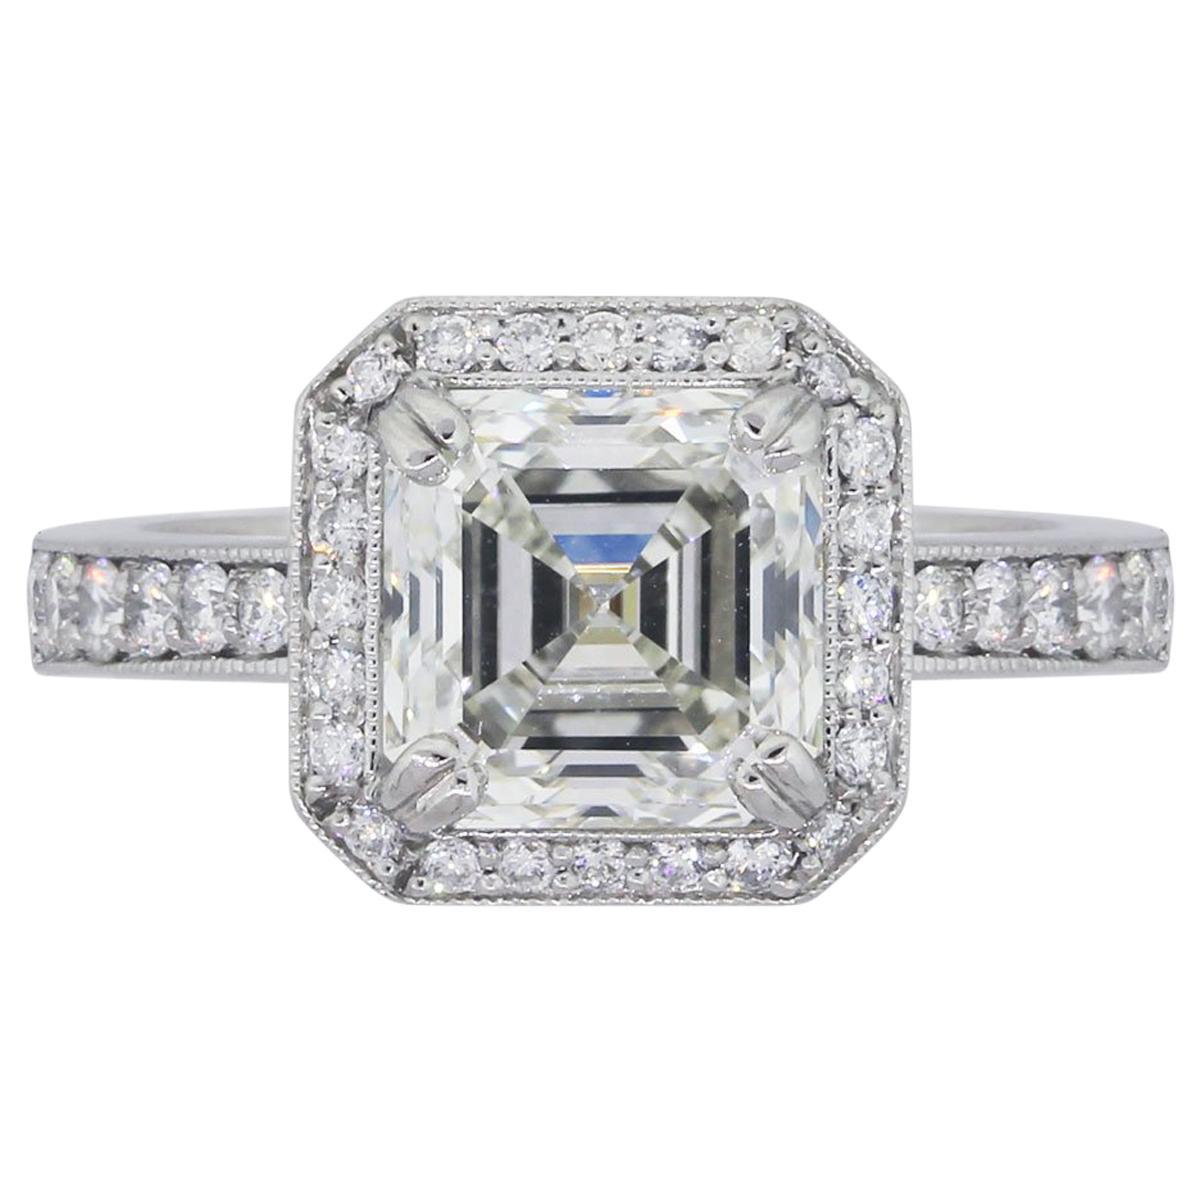 GIA Certified 3.20 Carat Asscher Cut Diamond Engagement Ring